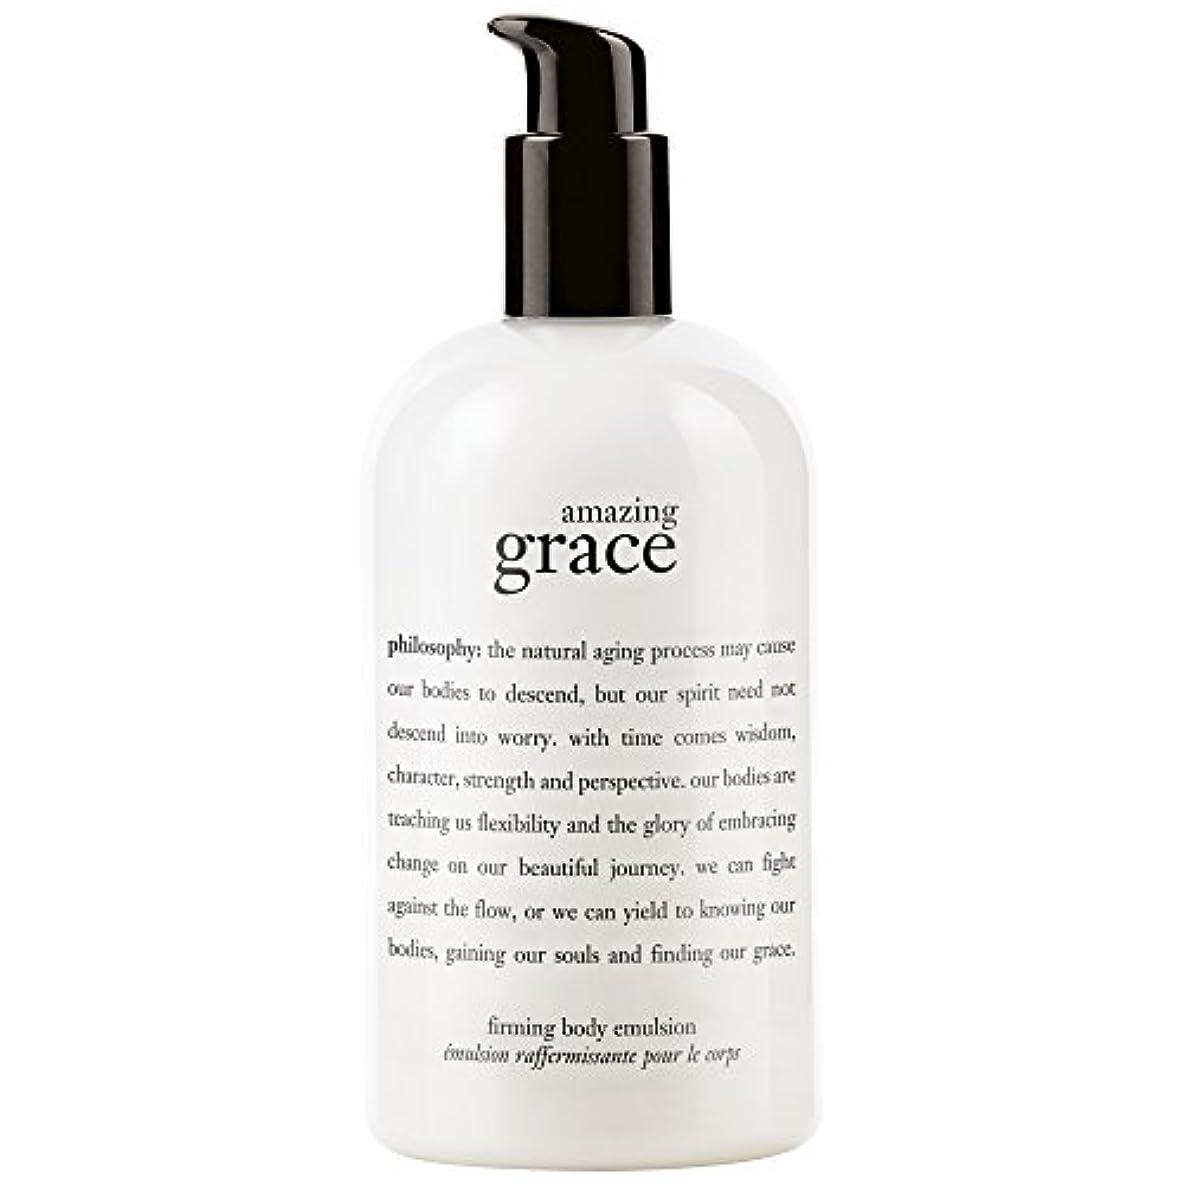 命令的のヒープレーザ哲学驚くべき恵み引き締めボディエマルジョン480ミリリットル (Philosophy) (x6) - Philosophy Amazing Grace Firming Body Emulsion 480ml (Pack...